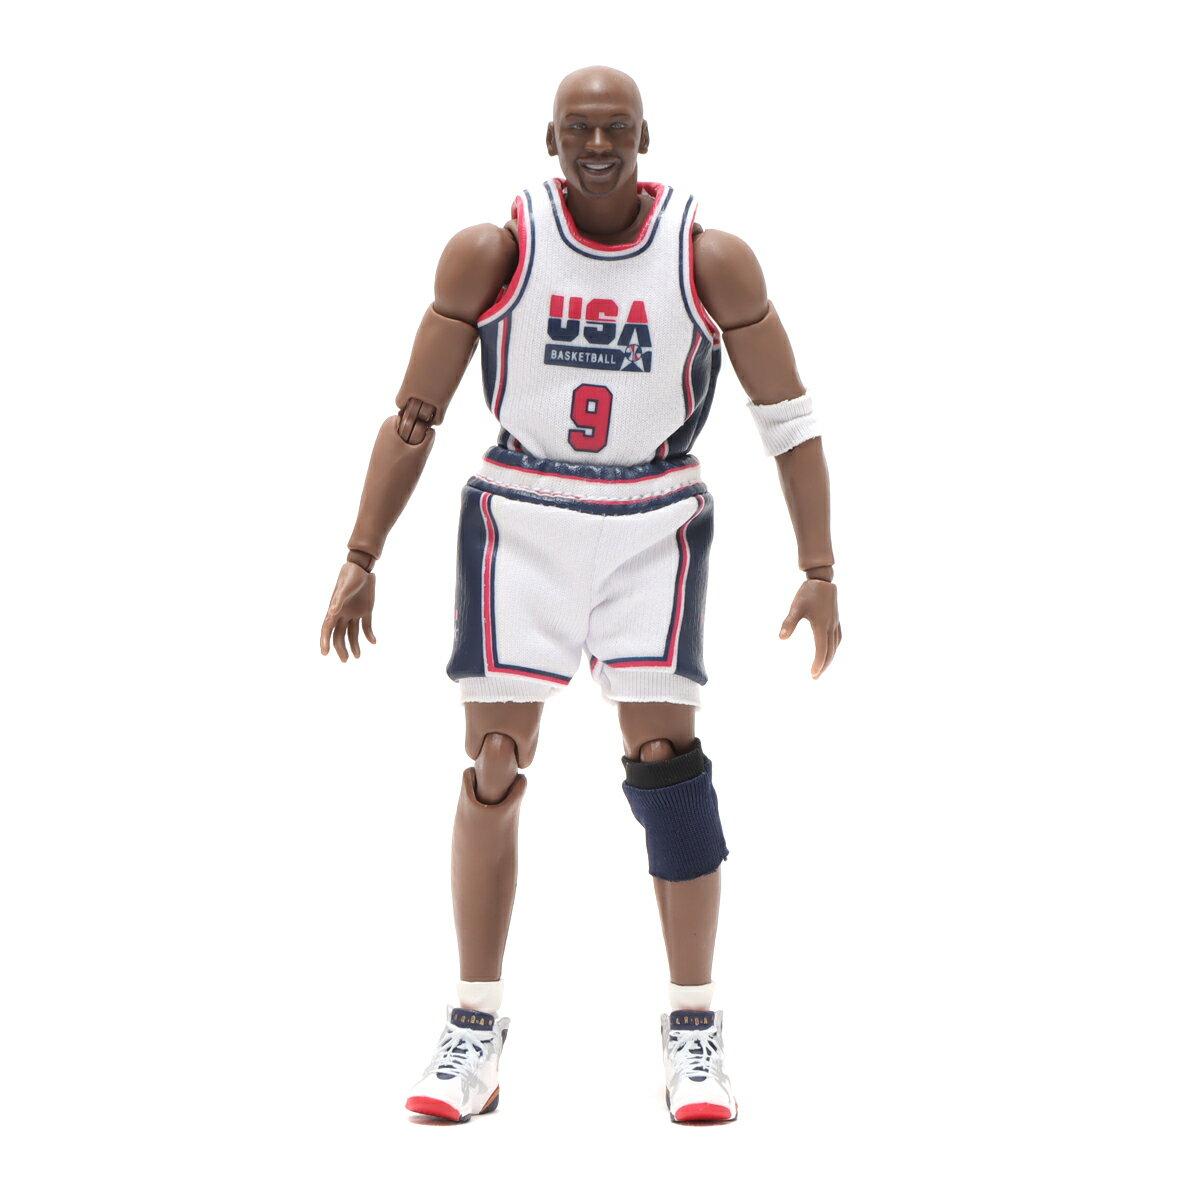 コレクション, フィギュア MEDICOM TOY MAFEX Michael Jordan1992 TEAM USA( 1992 USA) 21SS-I